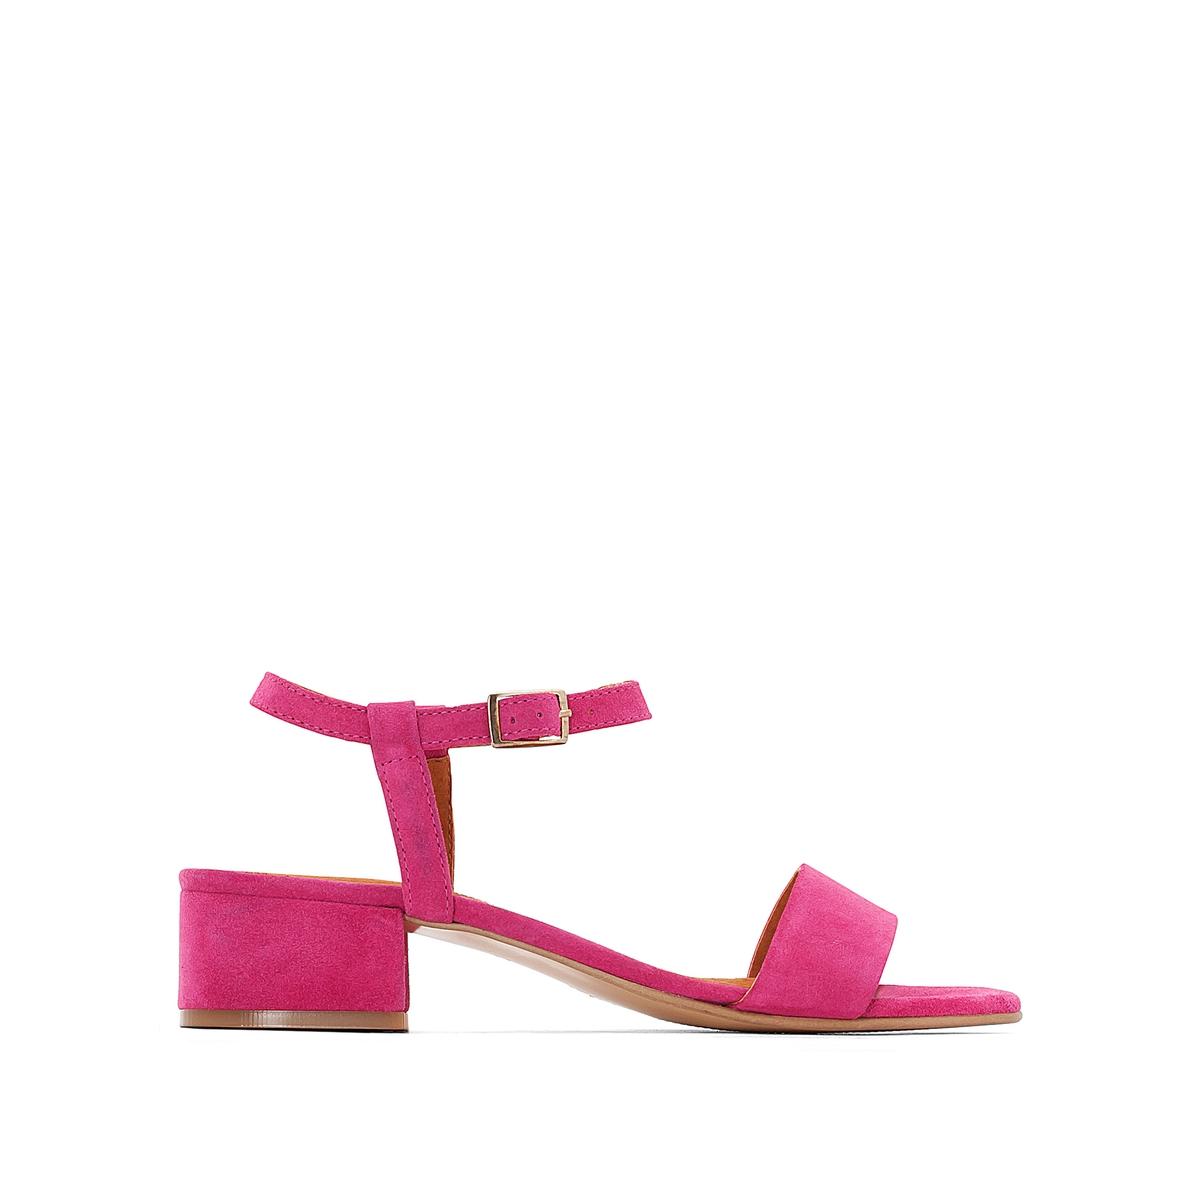 Босоножки кожаные на среднем каблукеВерх : кожа   Подкладка : кожа   Стелька : кожа   Подошва : эластомер   Высота каблука : 4 см   Форма каблука : широкий    Мысок : открытый   Застежка : ремешок с пряжкой    Страна производства : Португалия<br><br>Цвет: розовый фуксия<br>Размер: 35.37.36